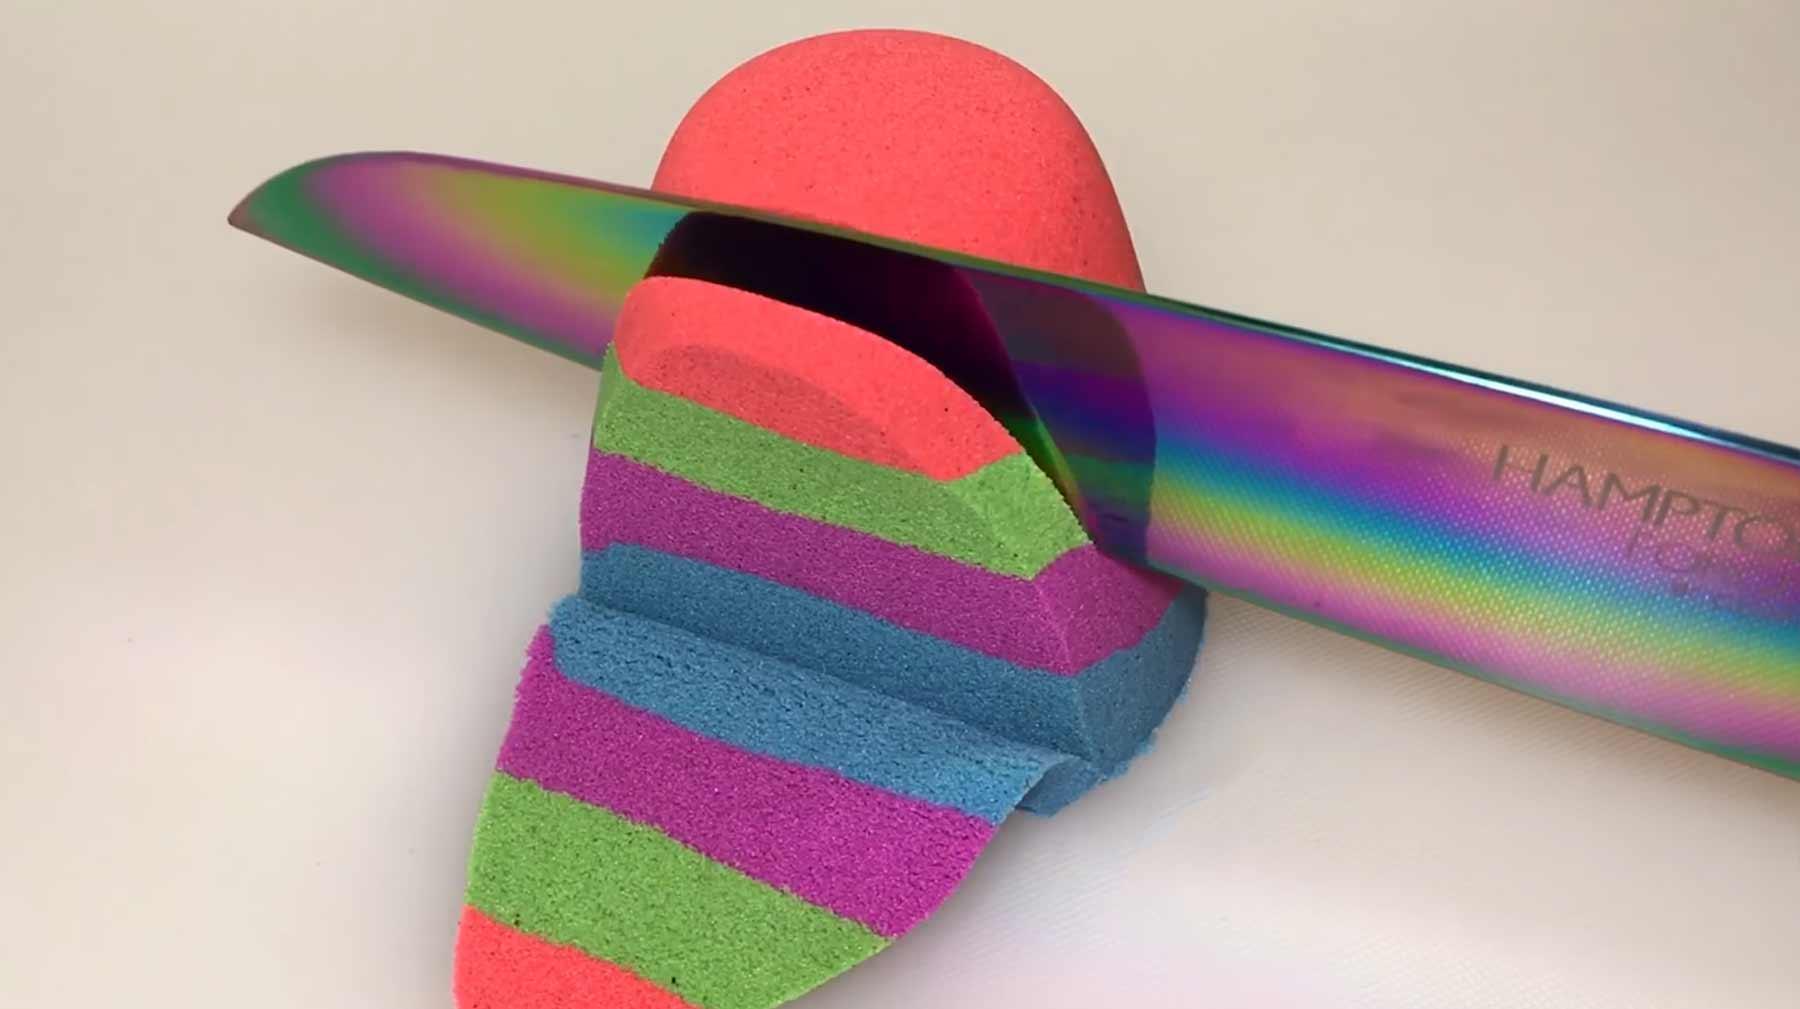 ASMR: Kinetische Sandskulpturen schneiden ASMR-kinetischen-sand-schneiden-entspannend